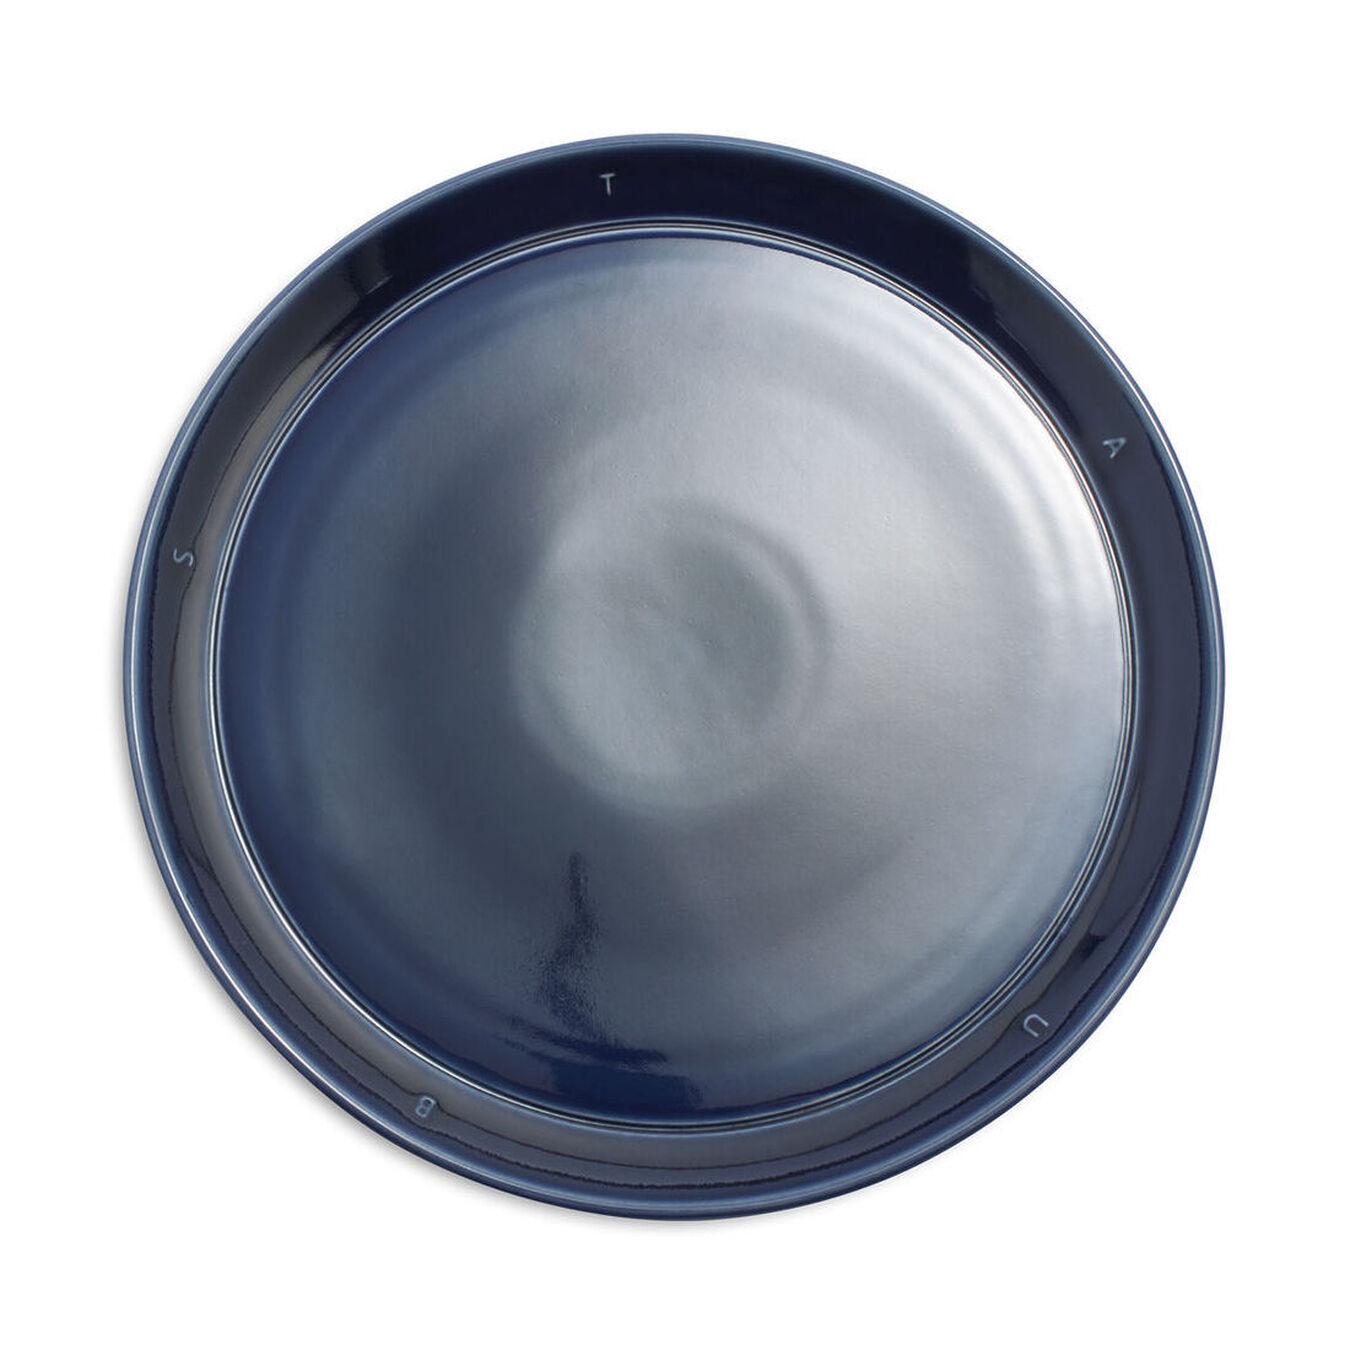 Serving set, 12 Piece   Dark-Blue   Ceramic   round   Ceramic,,large 4